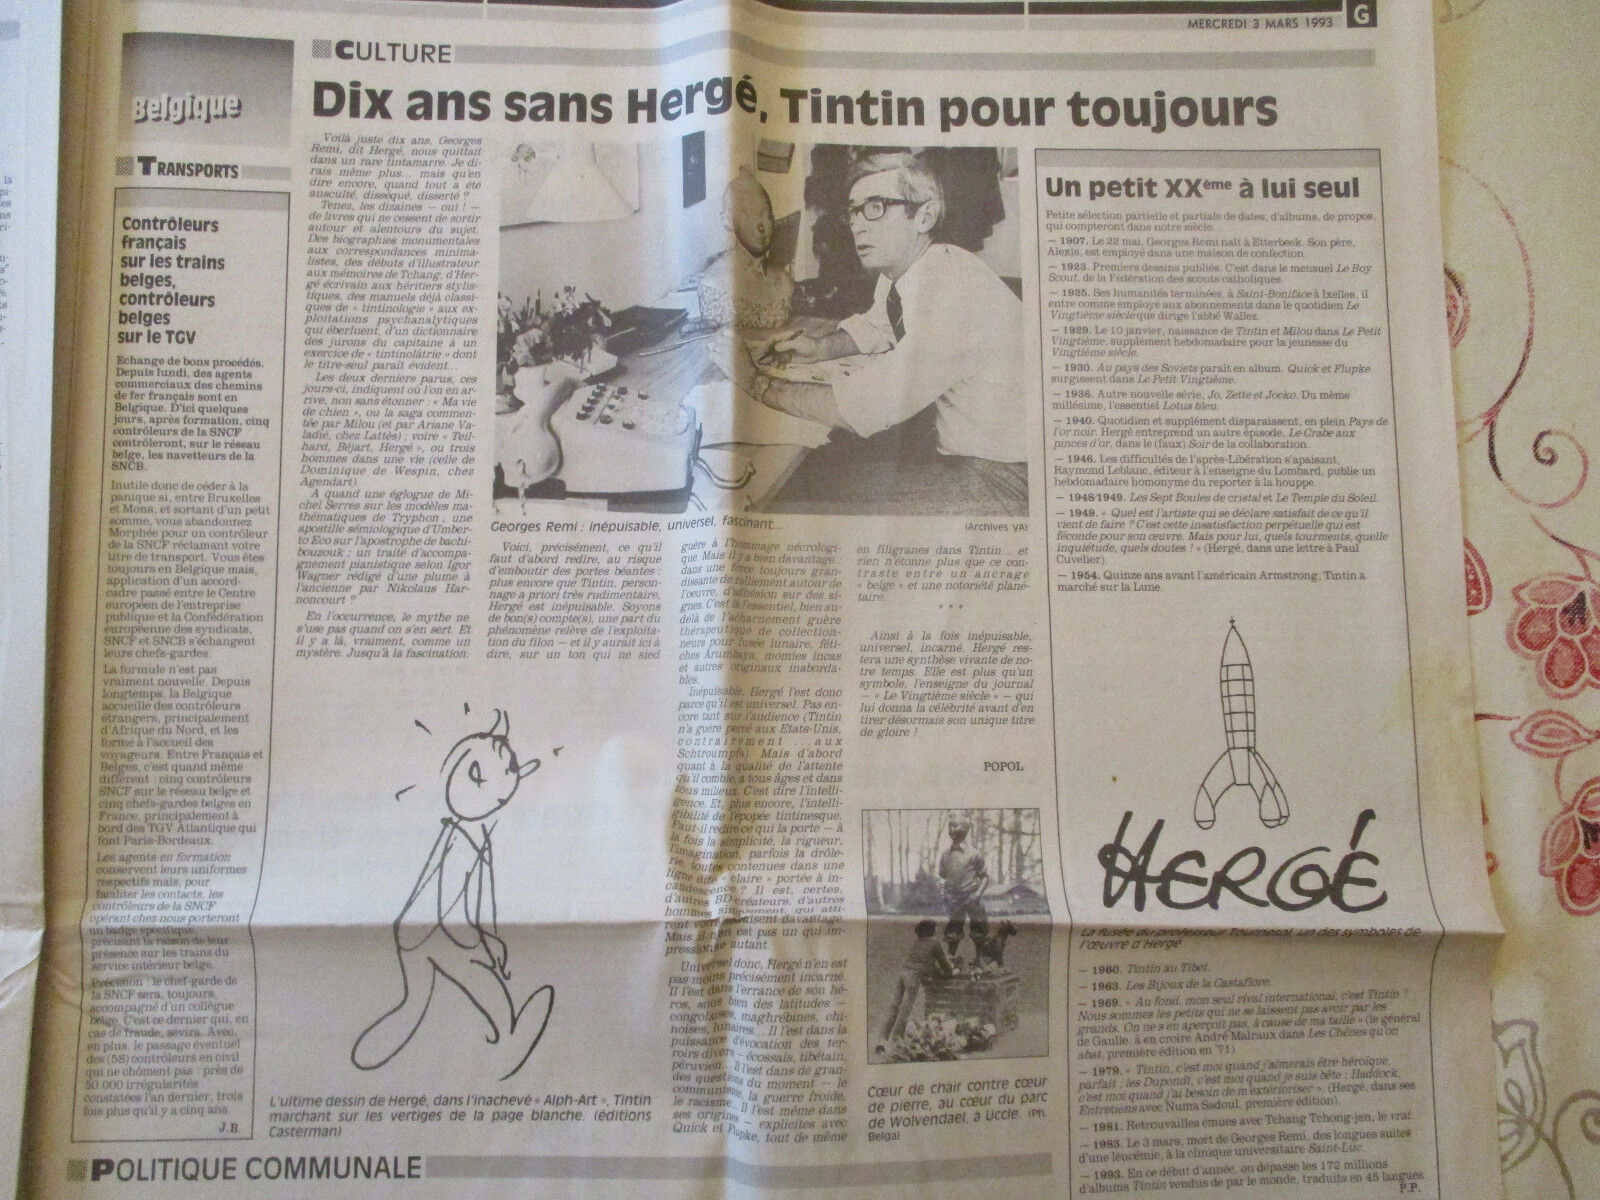 TINTIN: 10 ANS SANS HERGE, TINTIN POUR TOUJOURS - 03/03/1993 -